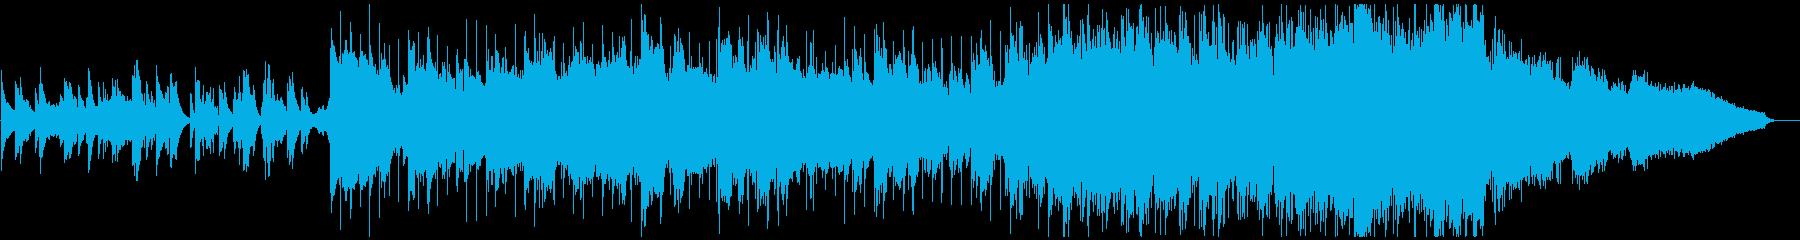 笛の音が心地よいヒーリングミュージックの再生済みの波形